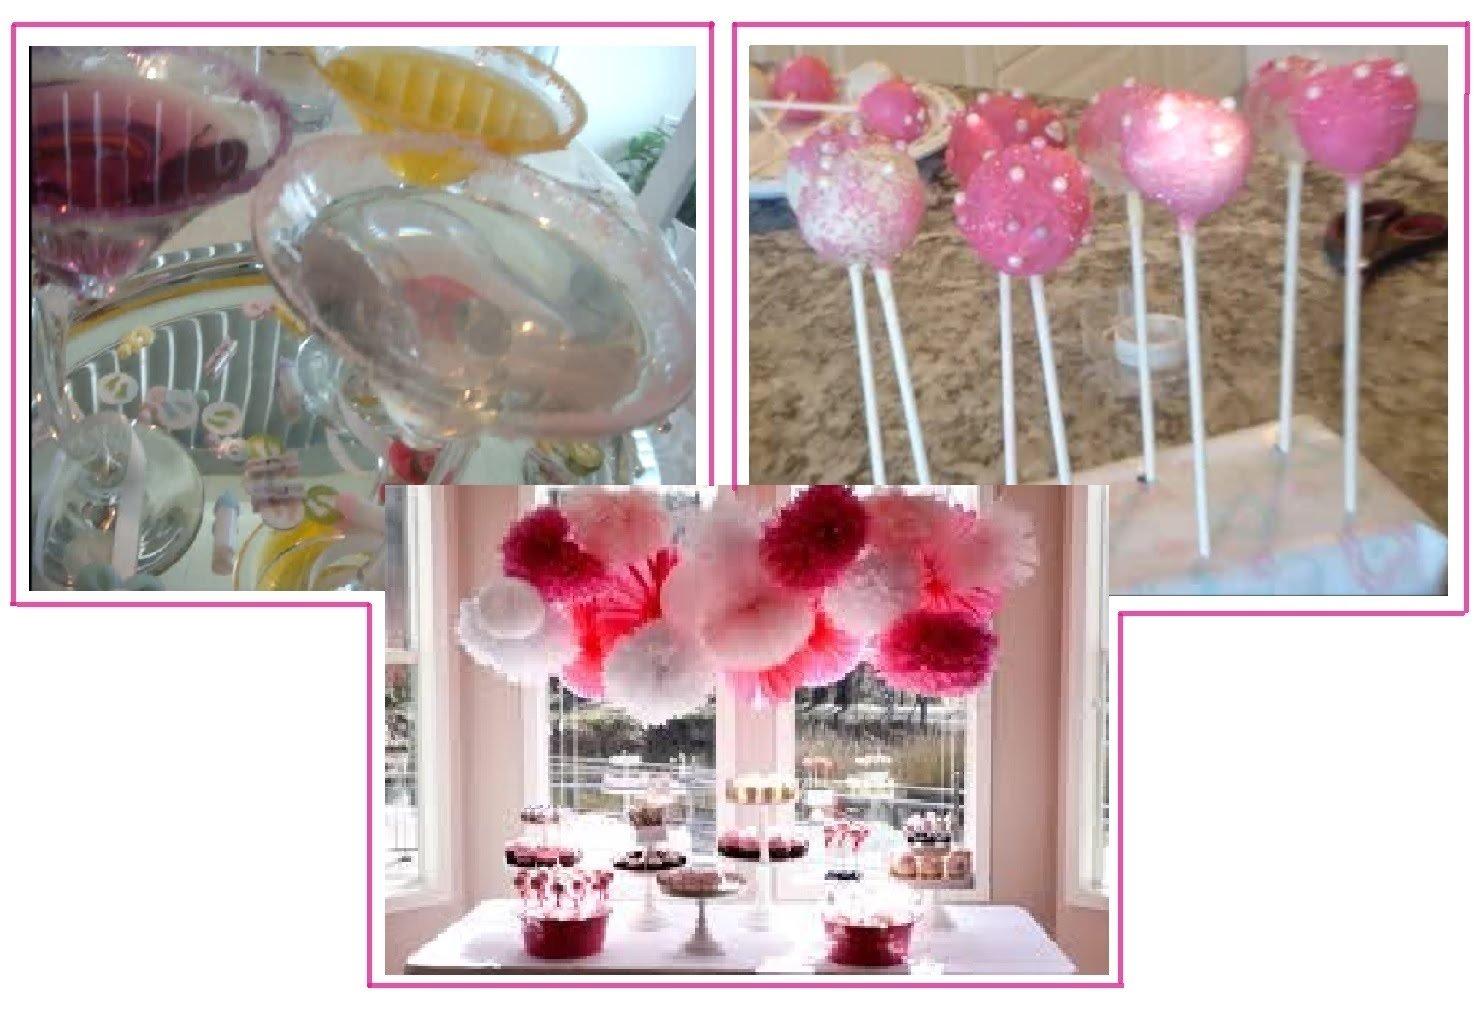 10 Lovable Bridal Shower Ideas On Pinterest pinterest ideas diy bridal shower baby shower party ideas youtube 2020